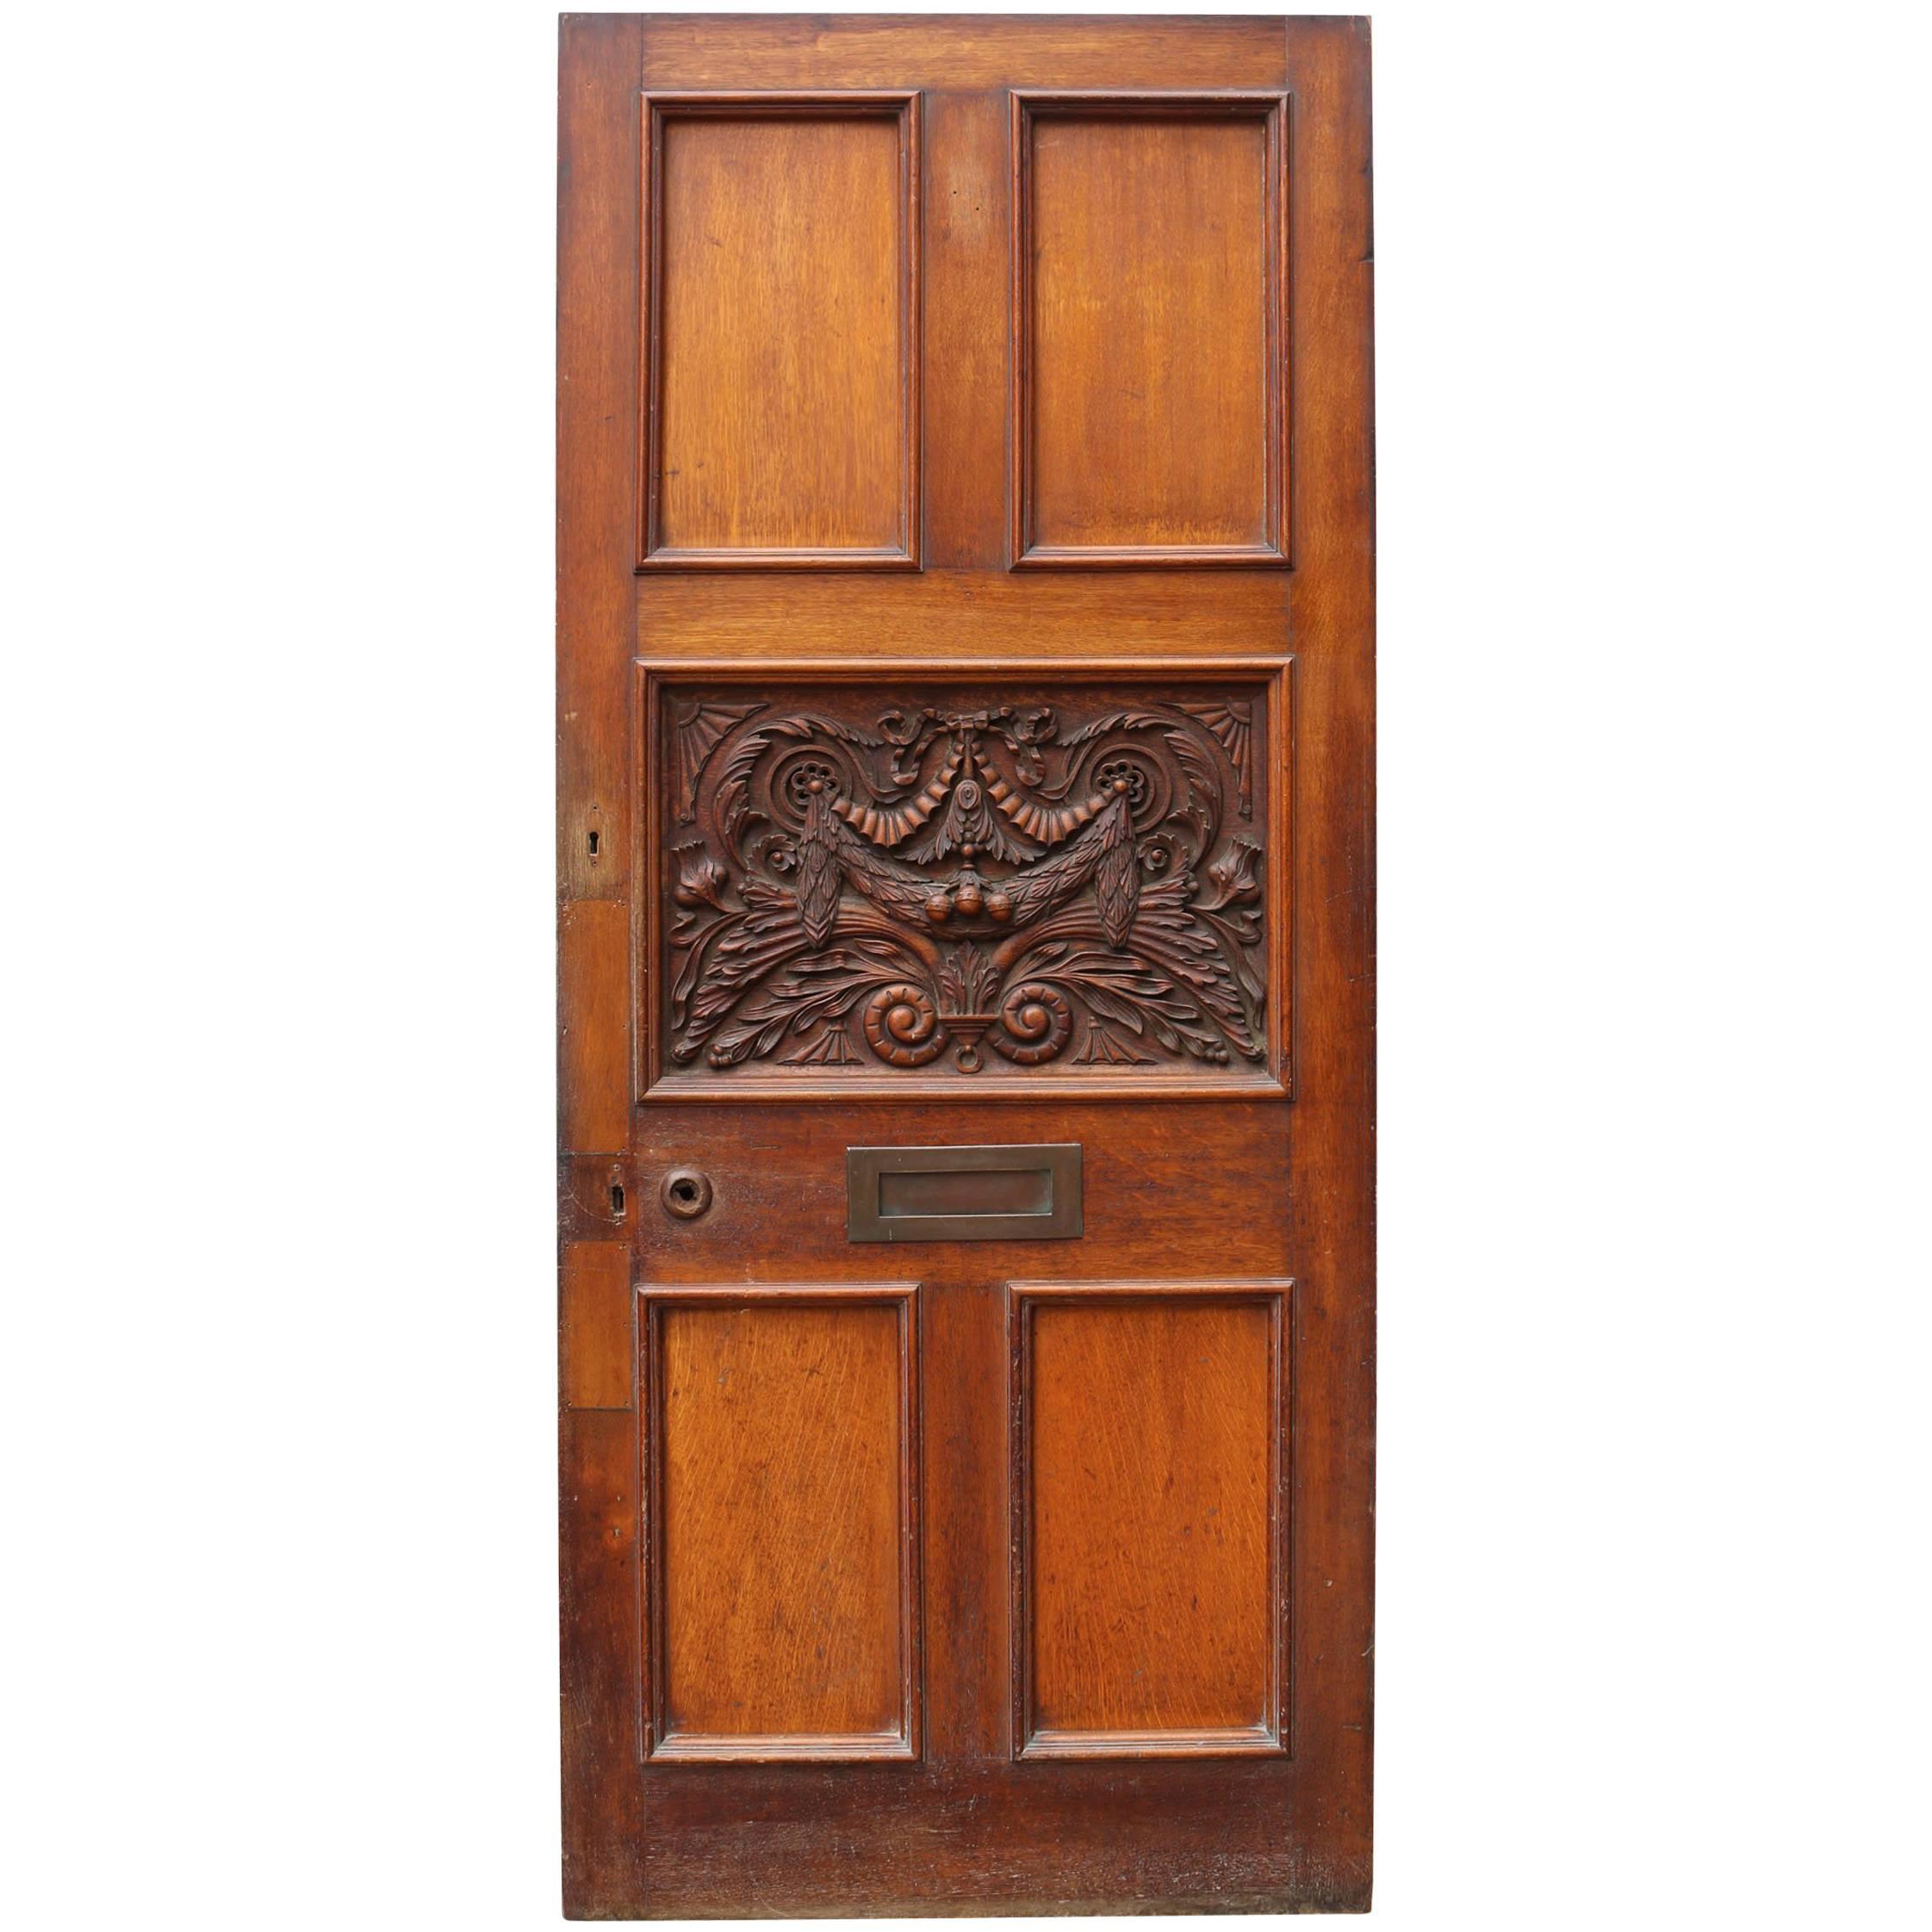 Victorian Carved Oak Front or Exterior Door